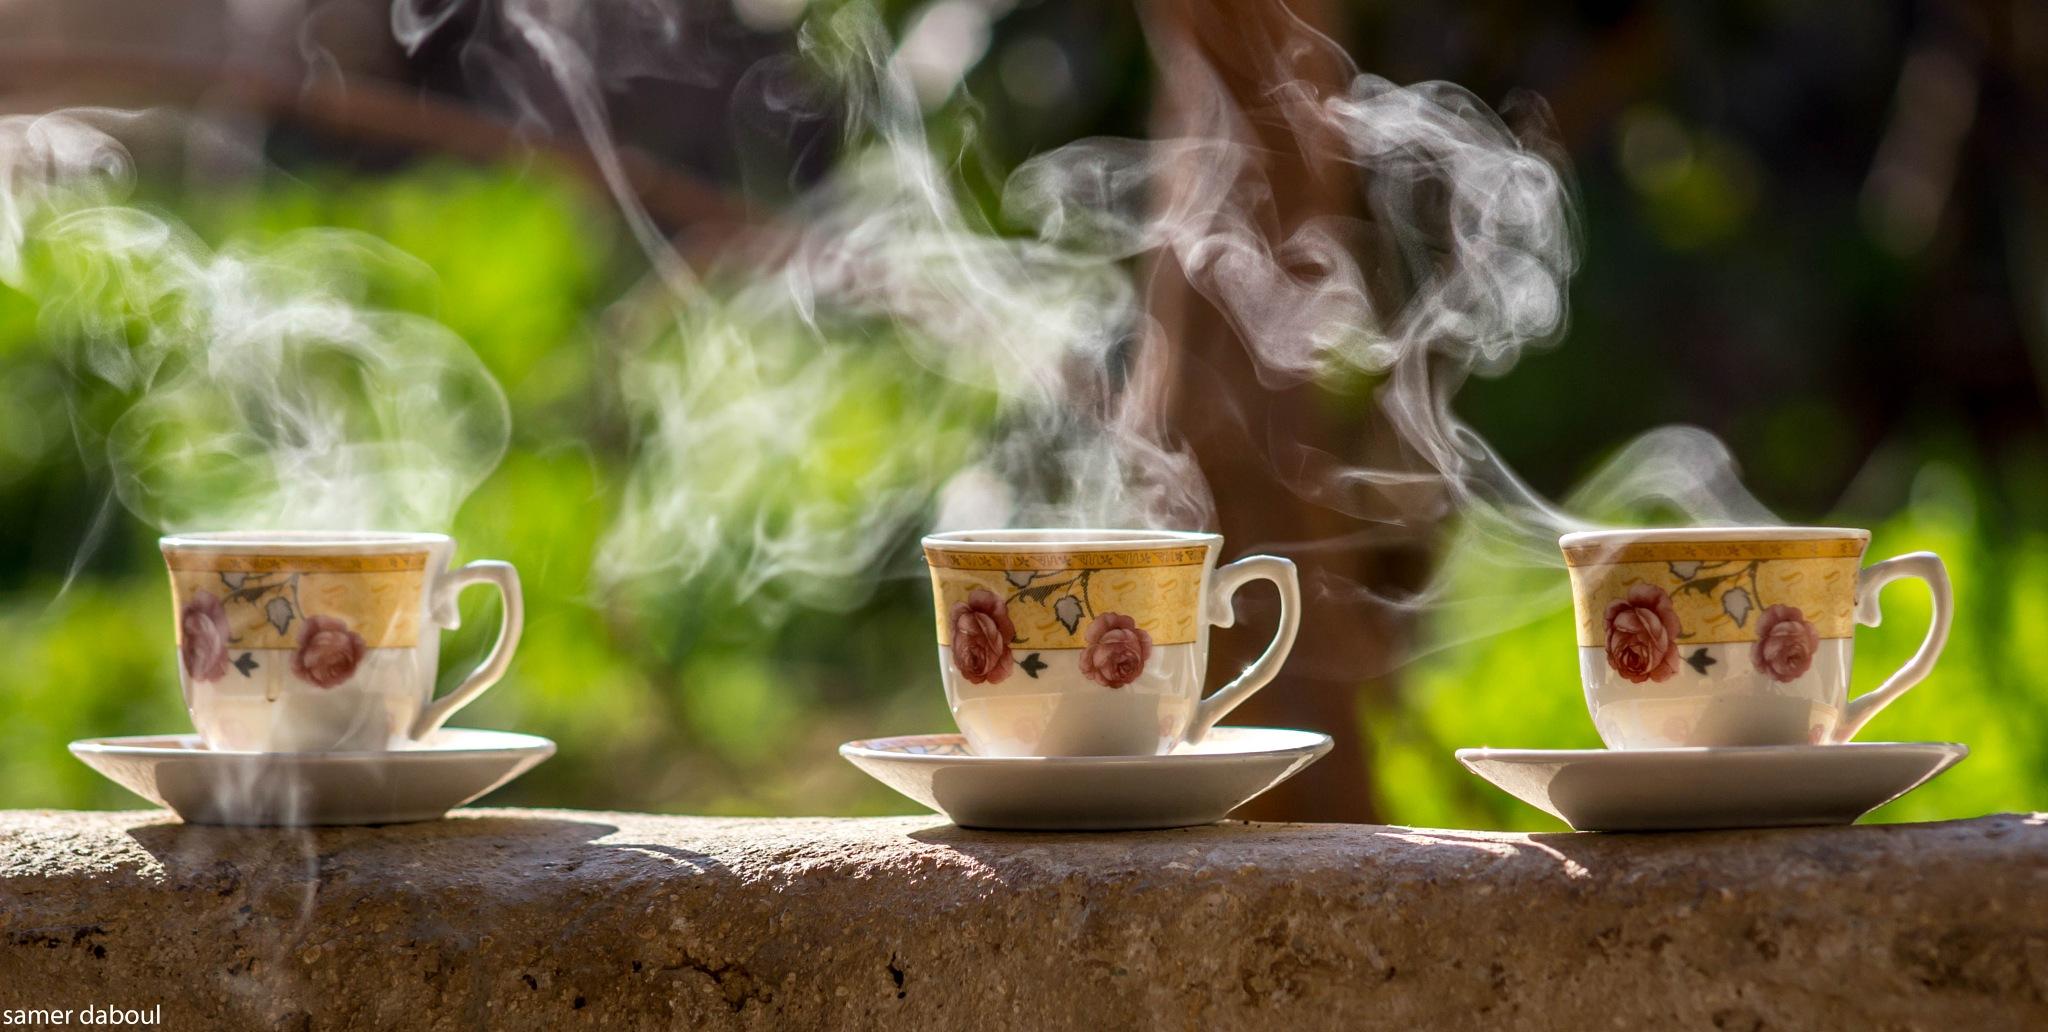 coffee by Samer Daabol